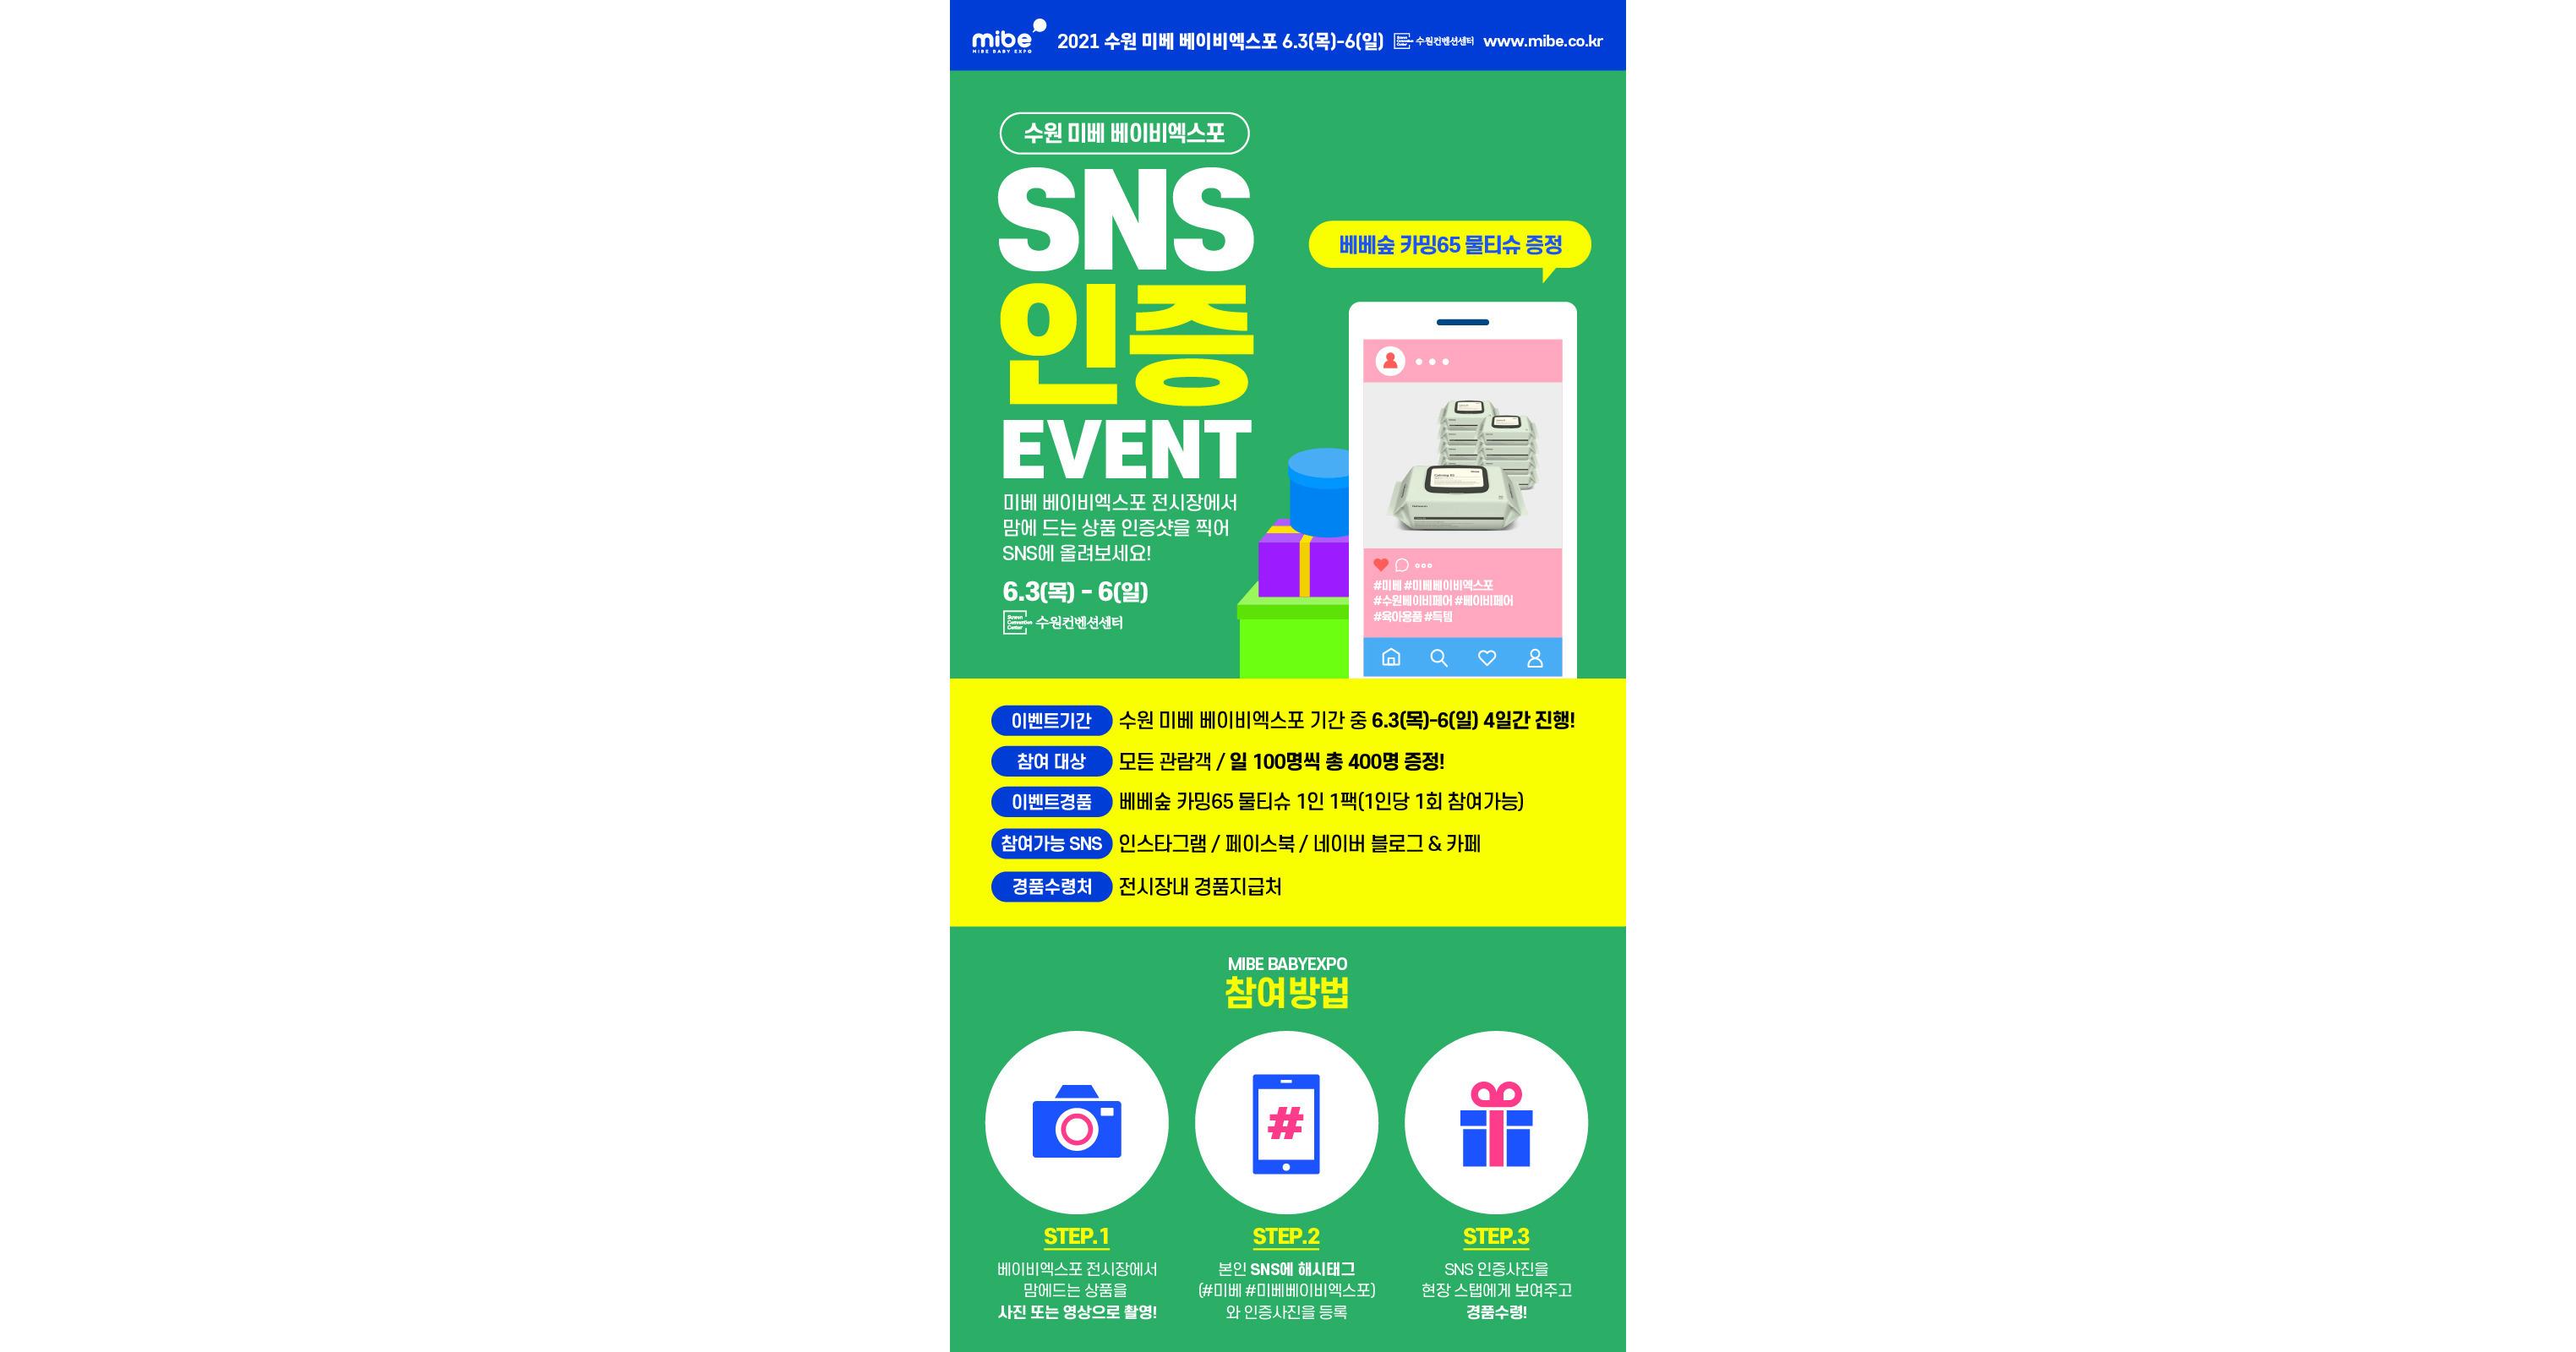 공지사항 [이벤트] SNS 인증 이벤트수원 미베 베이비엑스포로그인